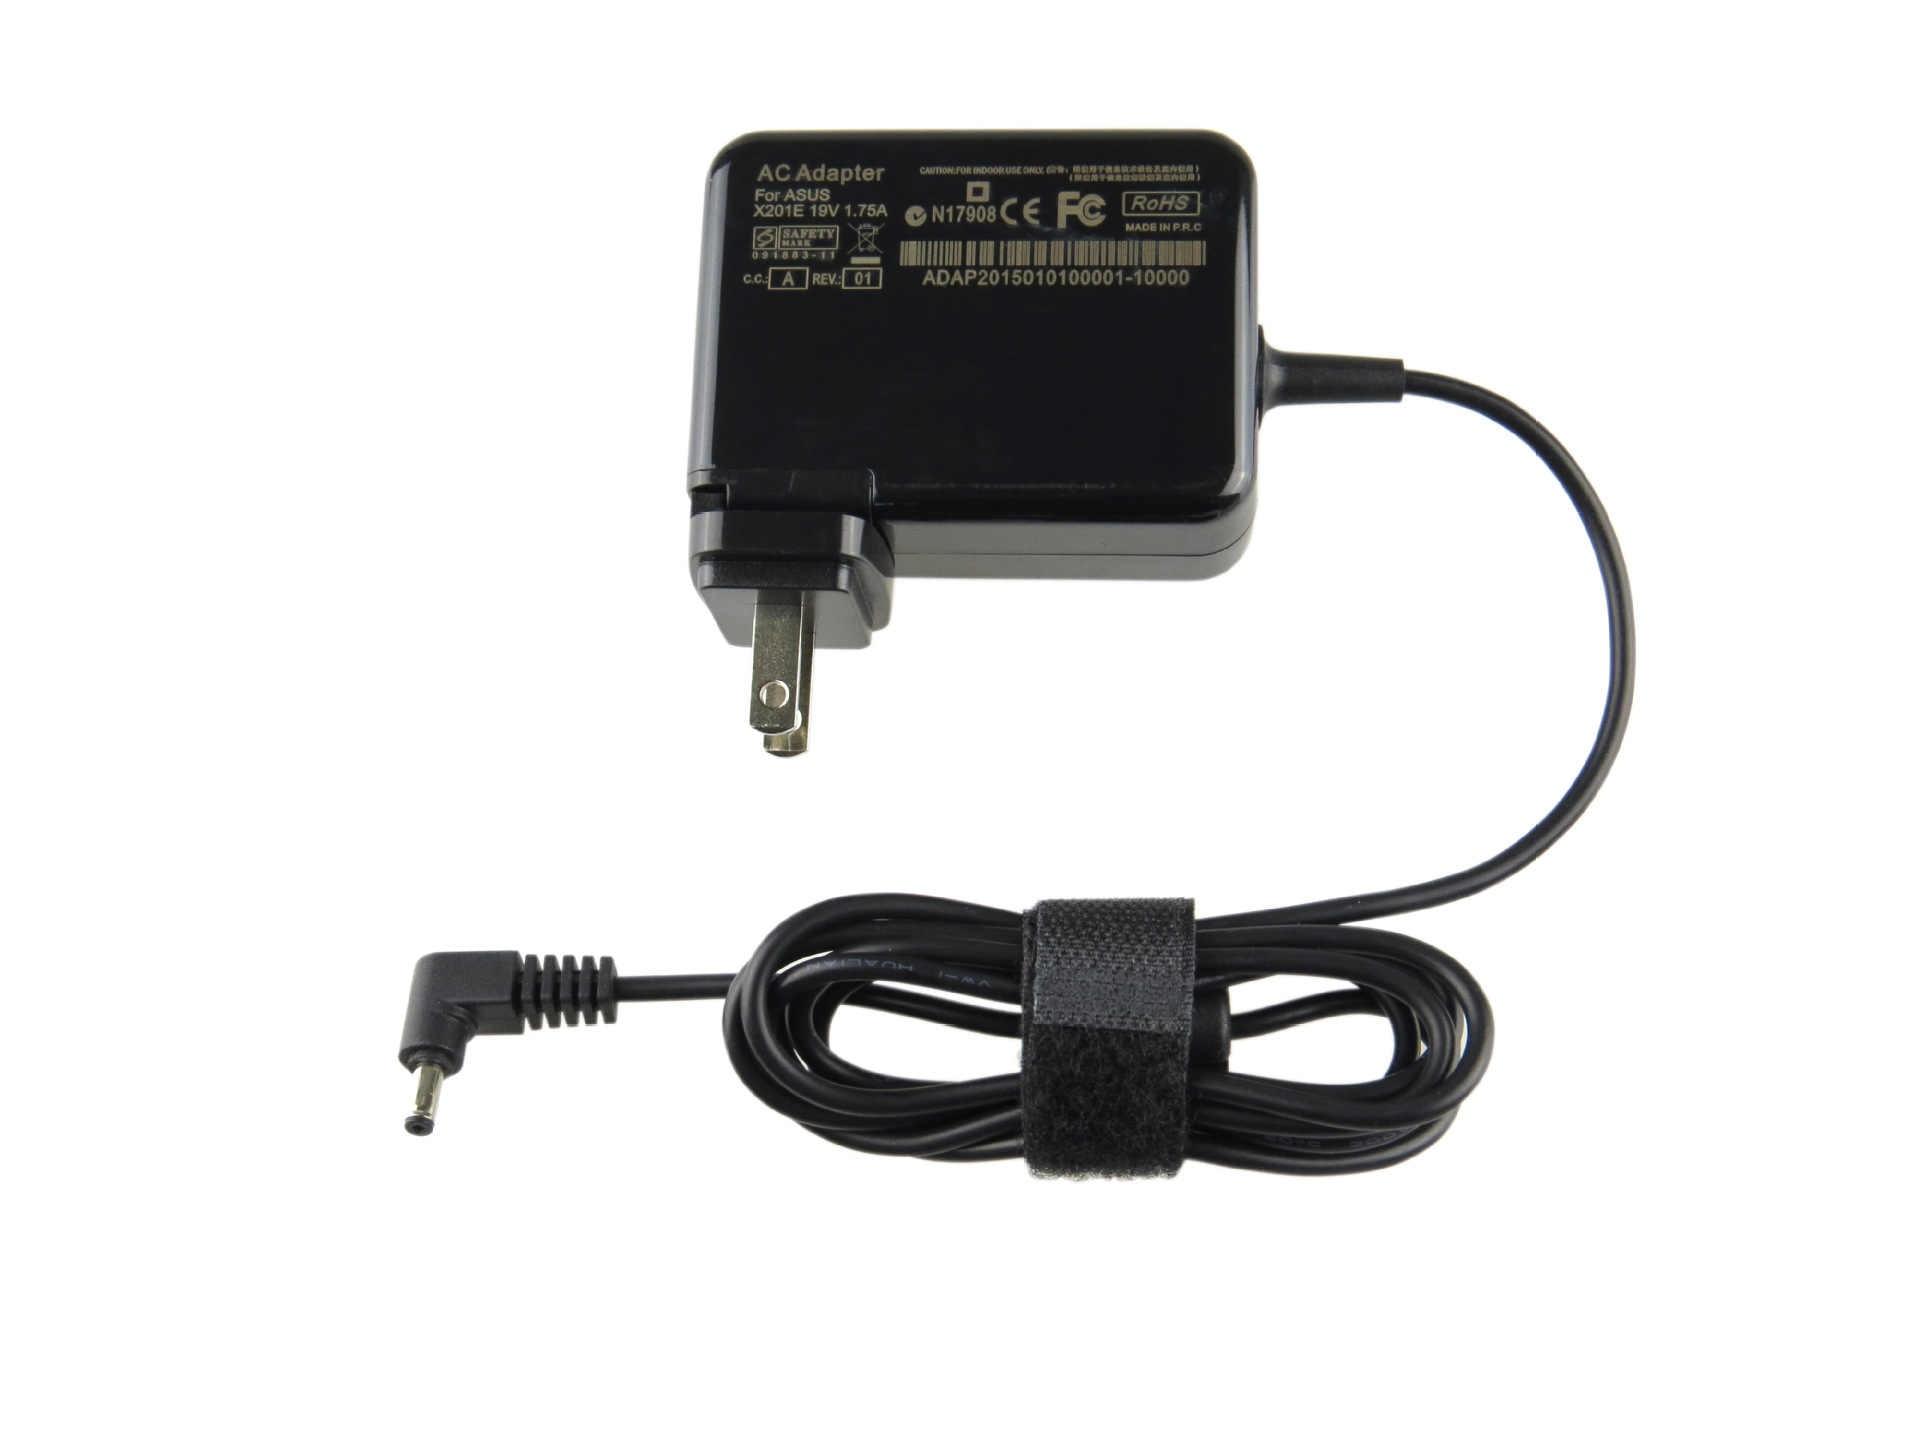 19 V 1.75A 33 W ноутбук адаптер переменного тока зарядное устройство для ASUS Vivobook S200 S200E S220 X200T X201E X202E F201E Q200E Прямая поставка с фабрики